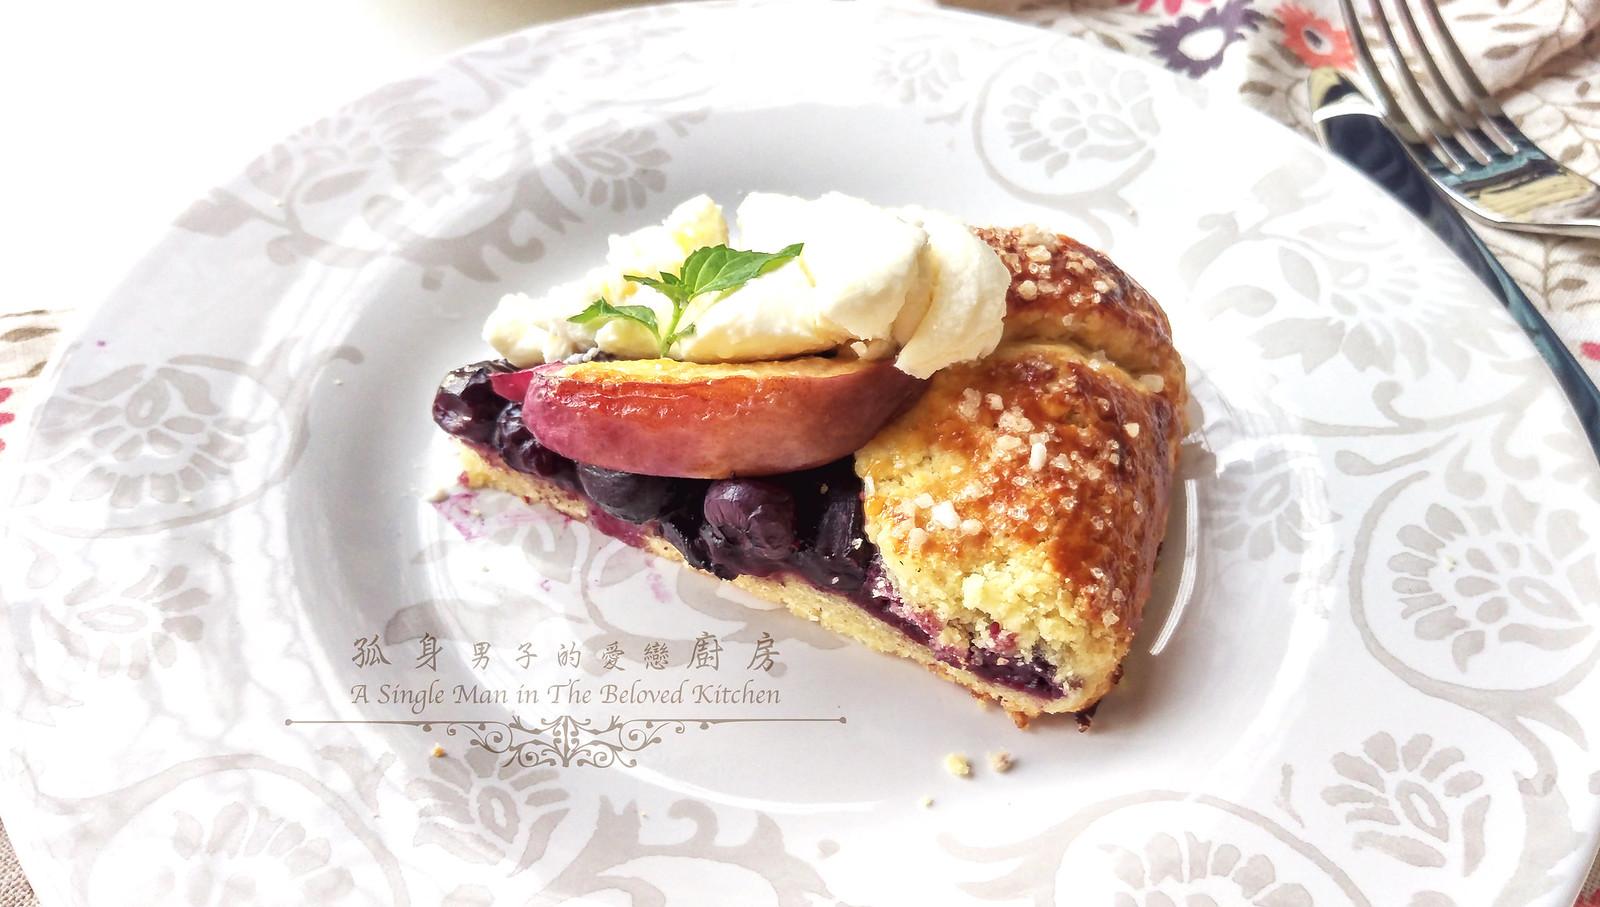 孤身廚房-藍莓甜桃法式烘餅Blueberry-Nectarin Galette35